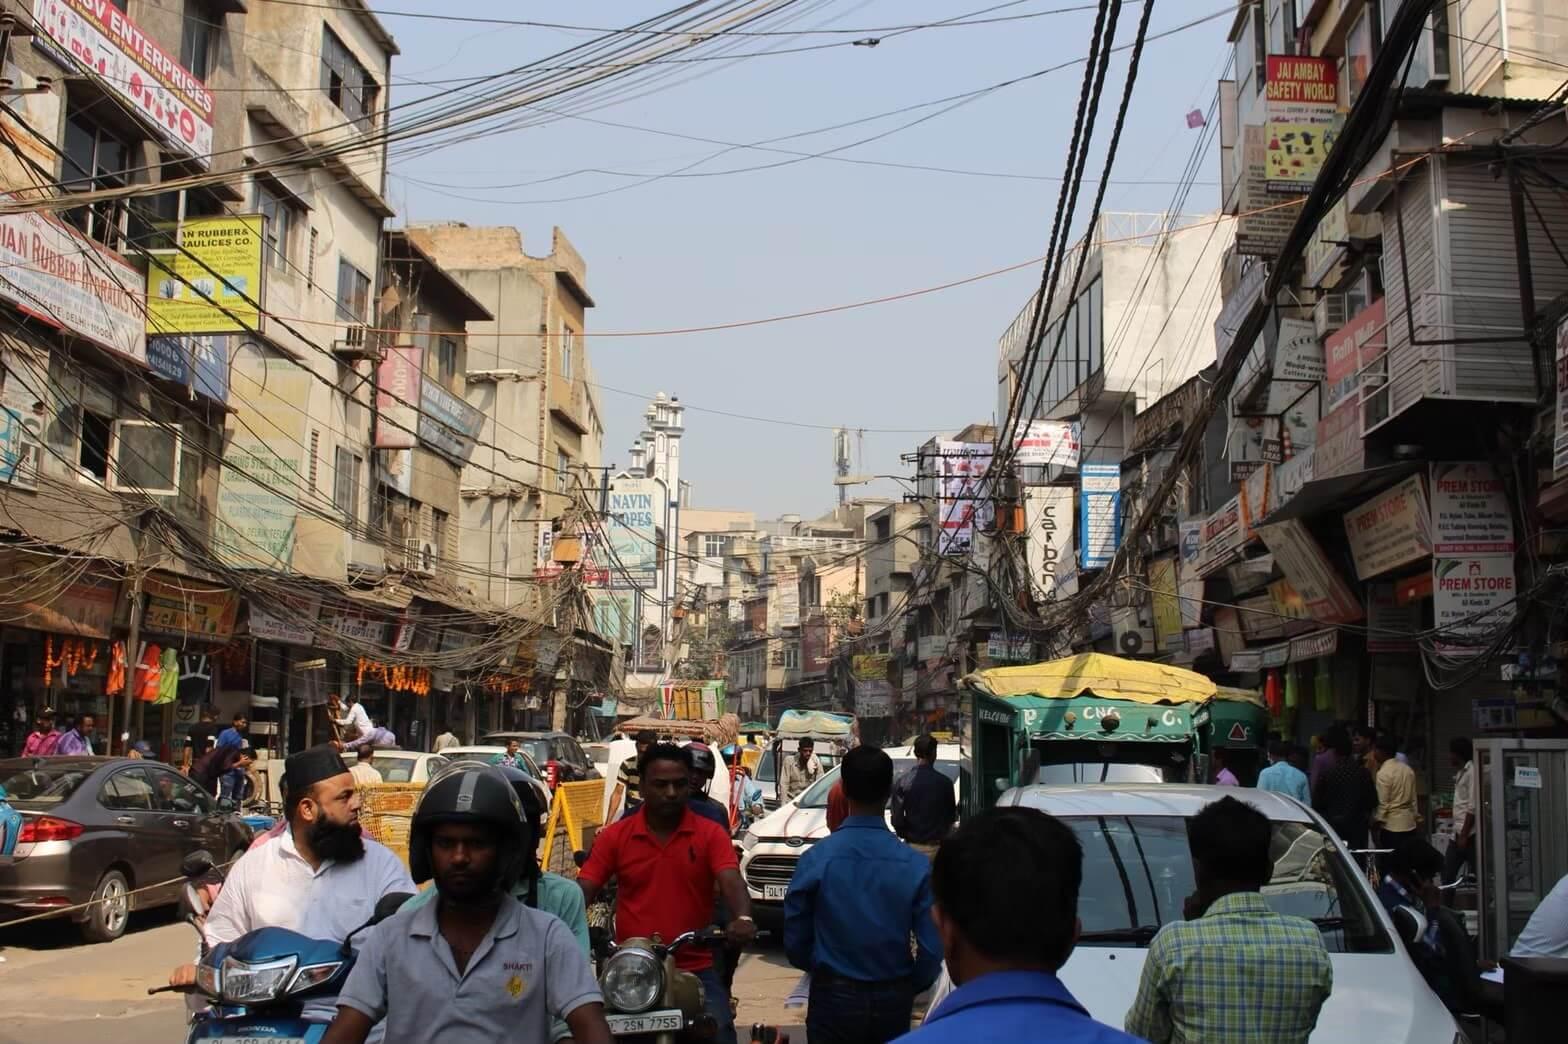 【オールドデリー】街散策&インド最大のモスク🕌を観光